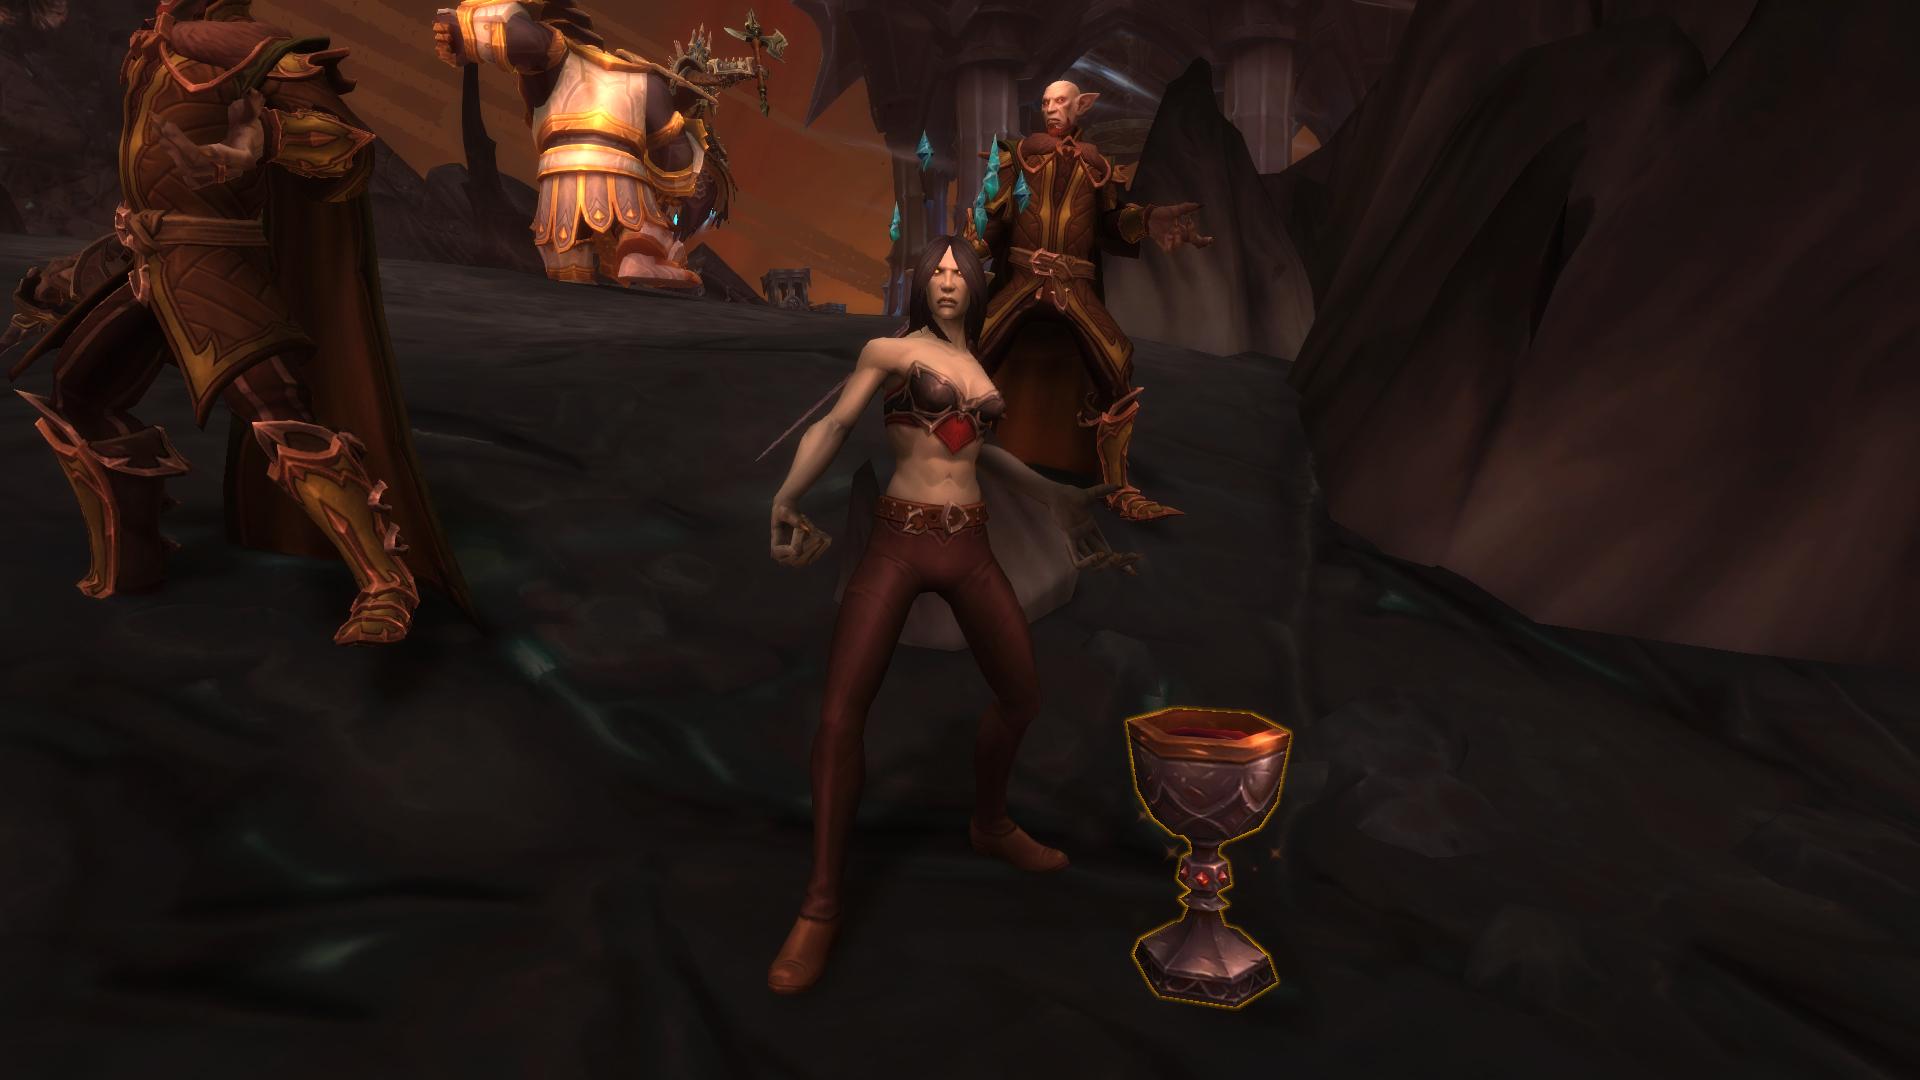 Vulca permet d'obtenir la quête Le comte des Braises pendant un assaut Kyrians sur L'Antre